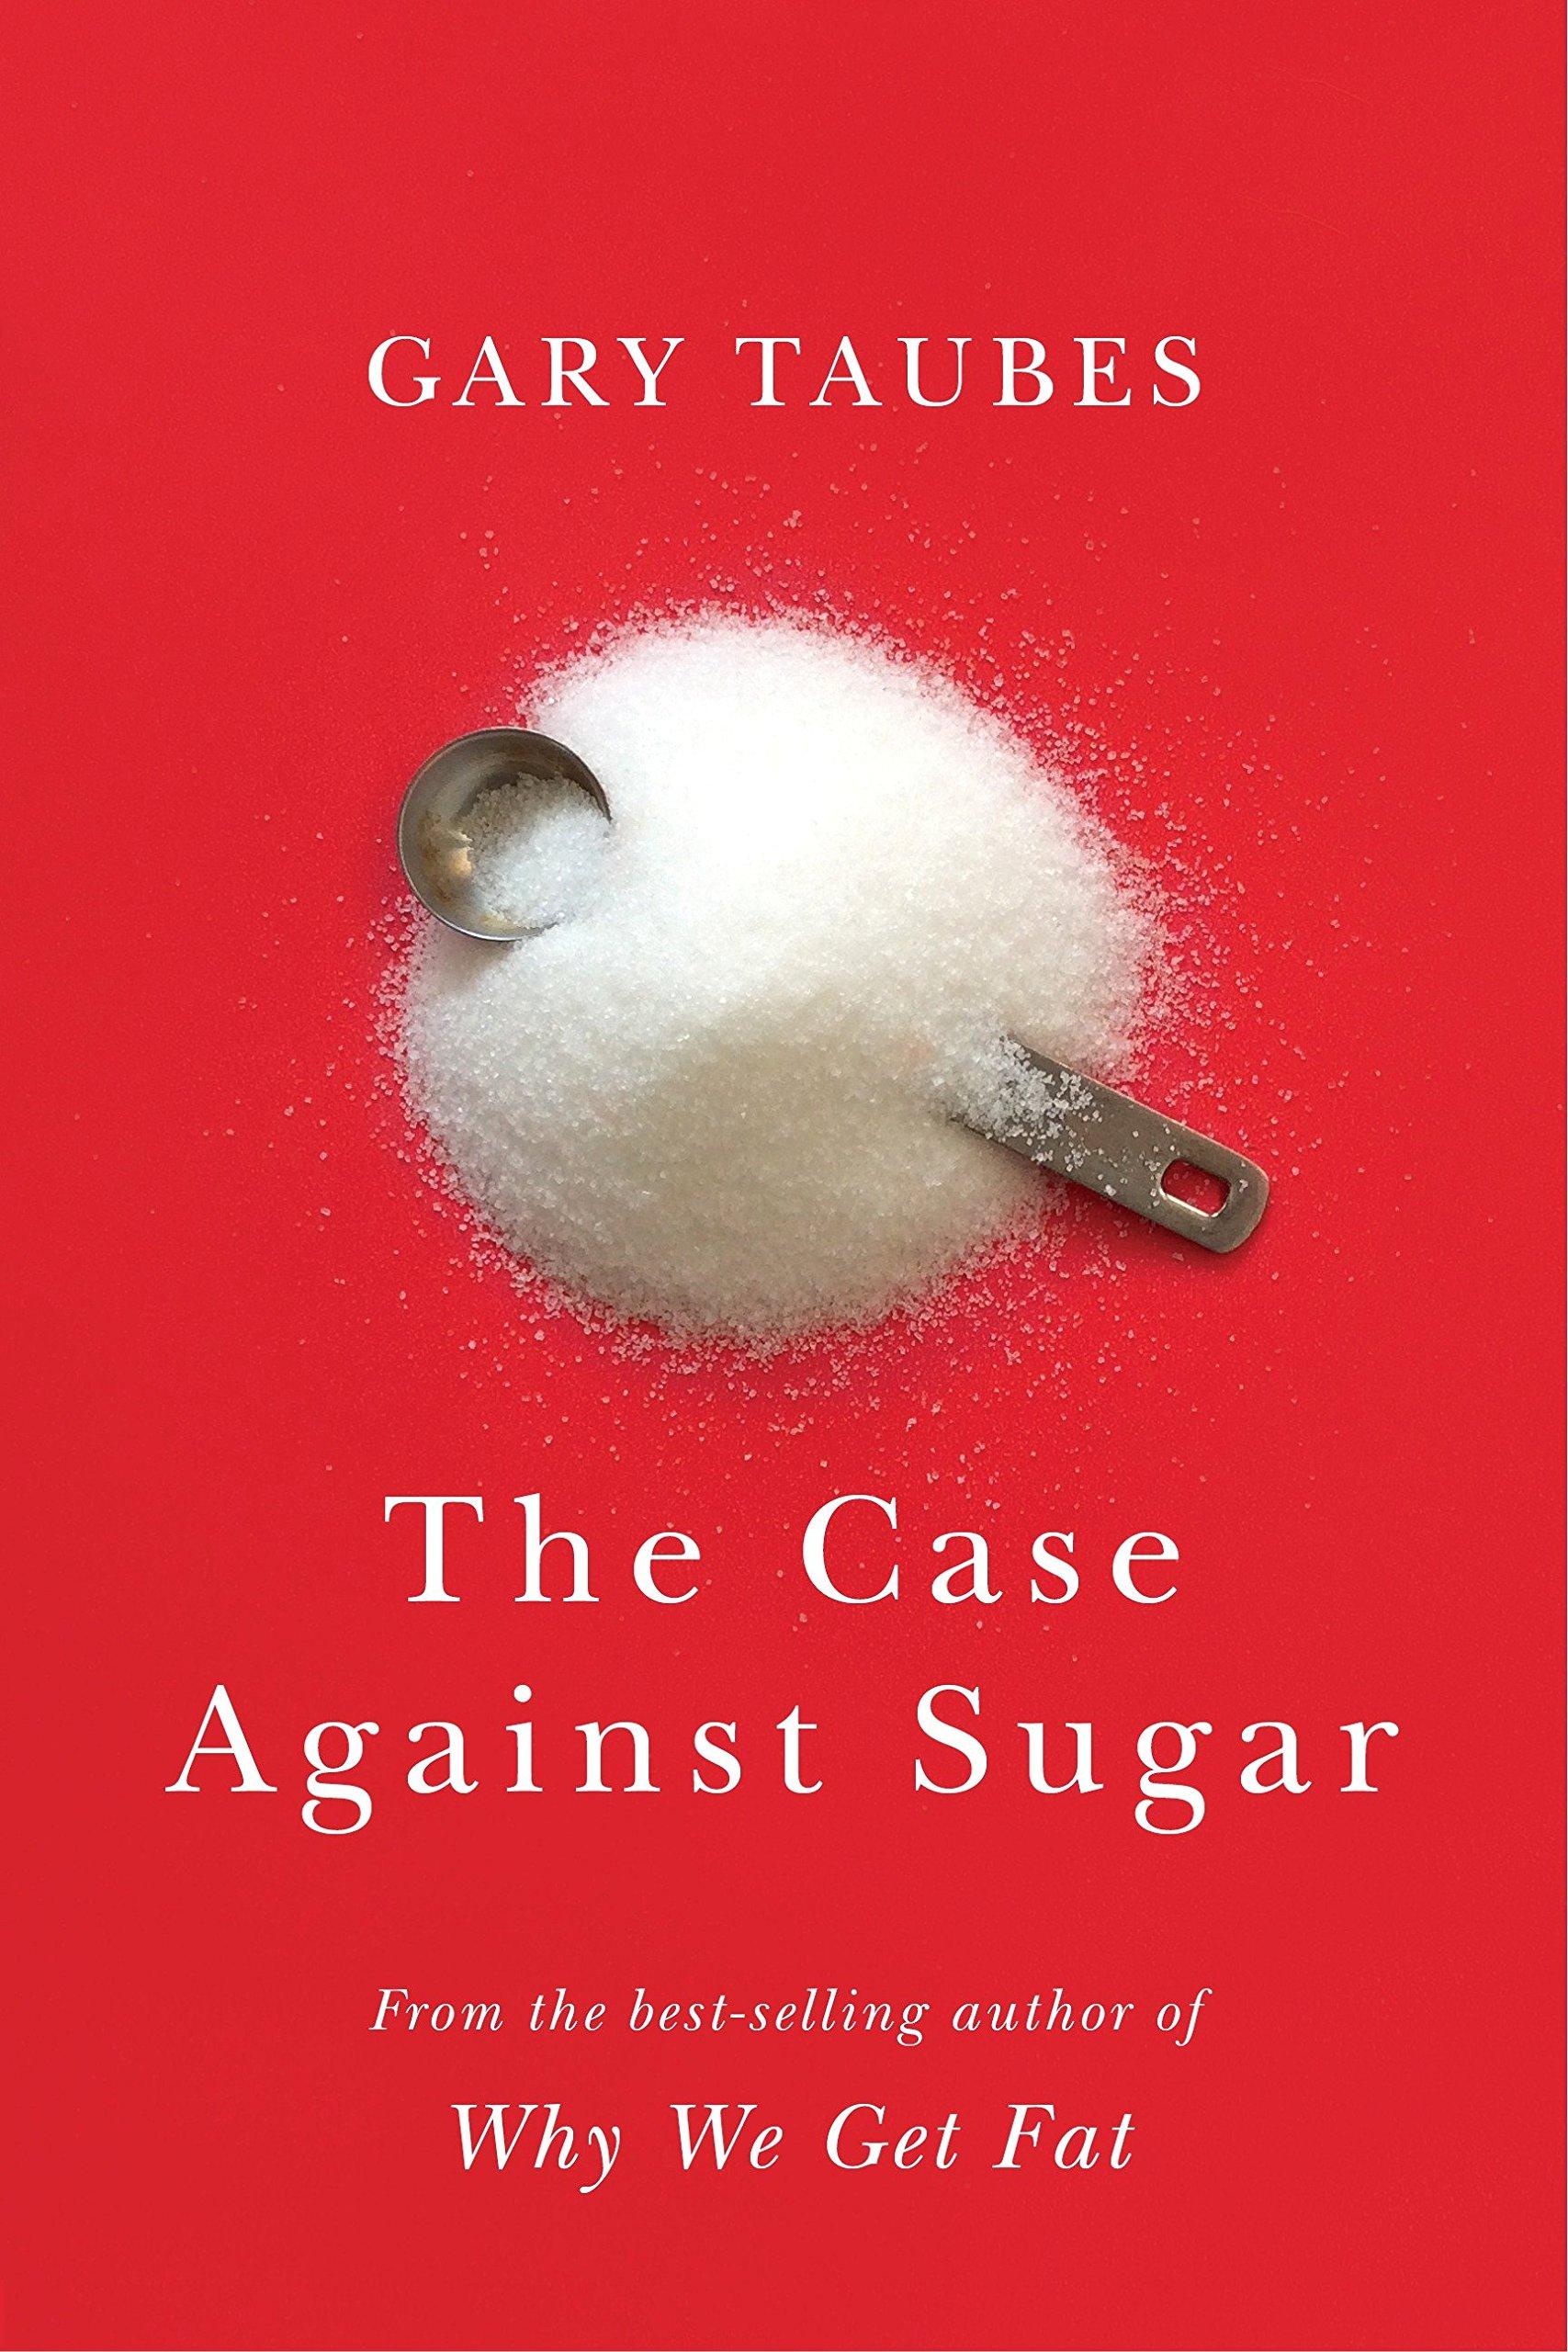 The Case Against Sugar: Amazon.de: Gary Taubes: Fremdsprachige Bücher